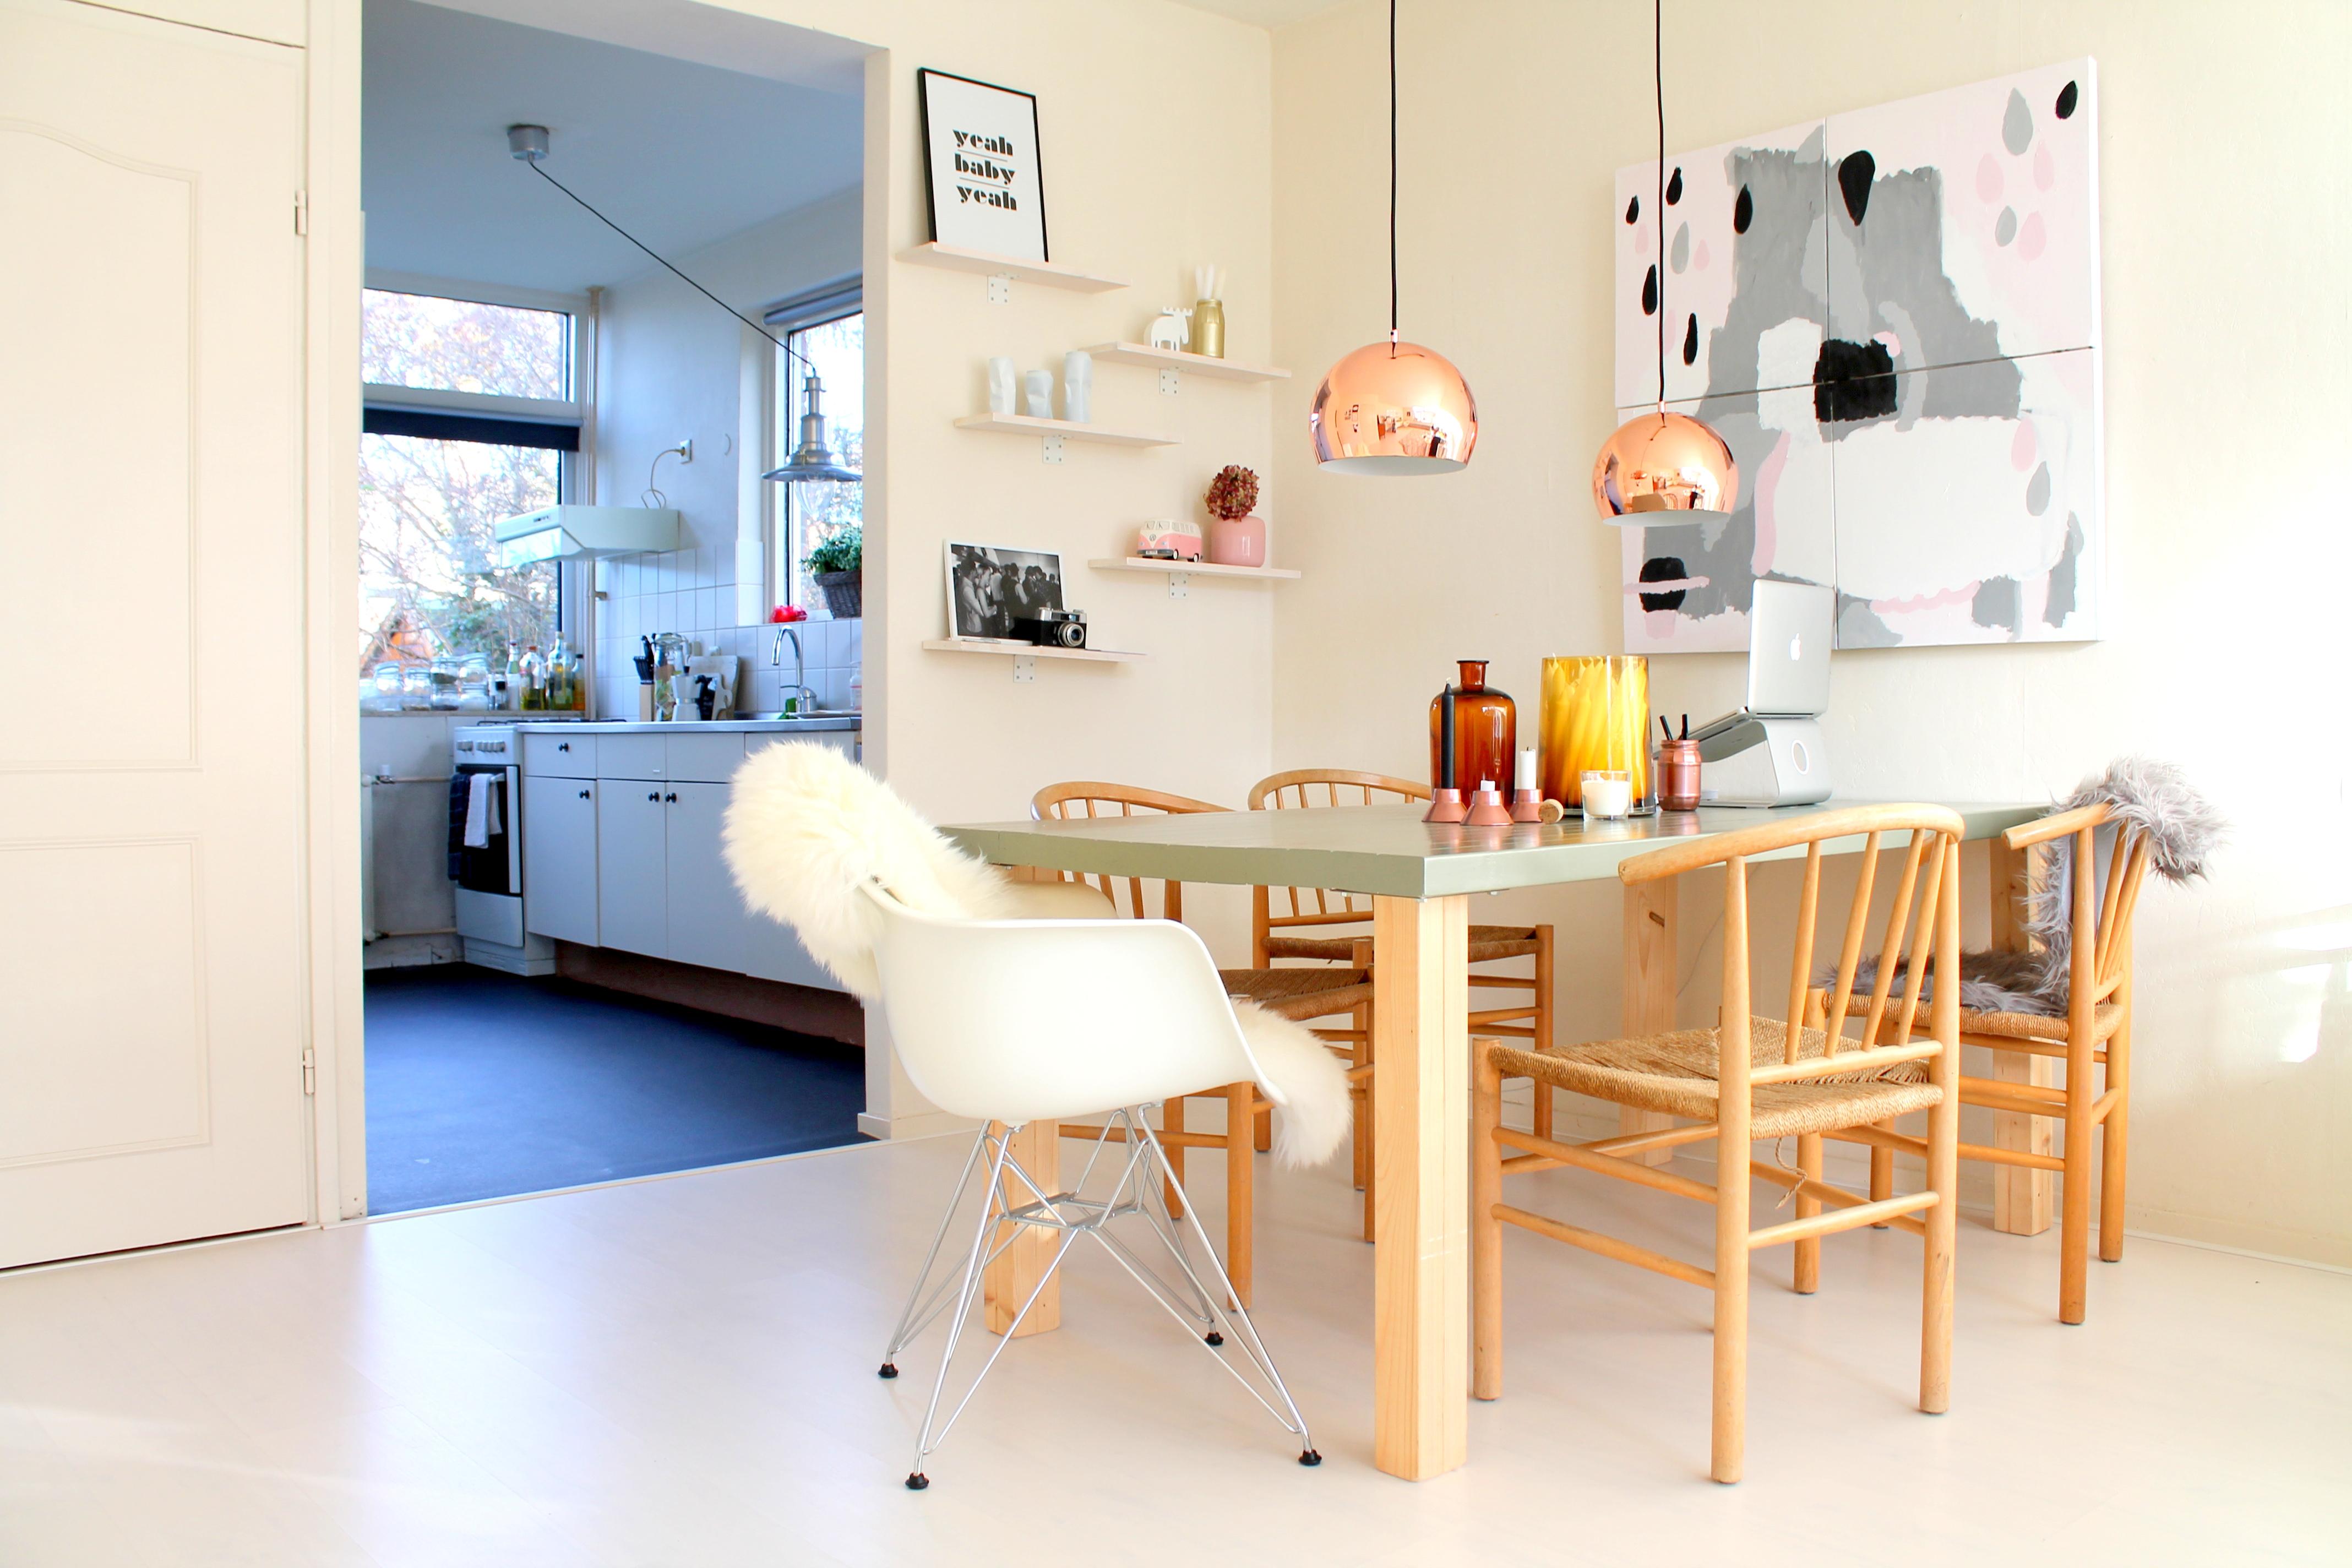 shoplog koperen lampen boven de eettafel donebymyself. Black Bedroom Furniture Sets. Home Design Ideas